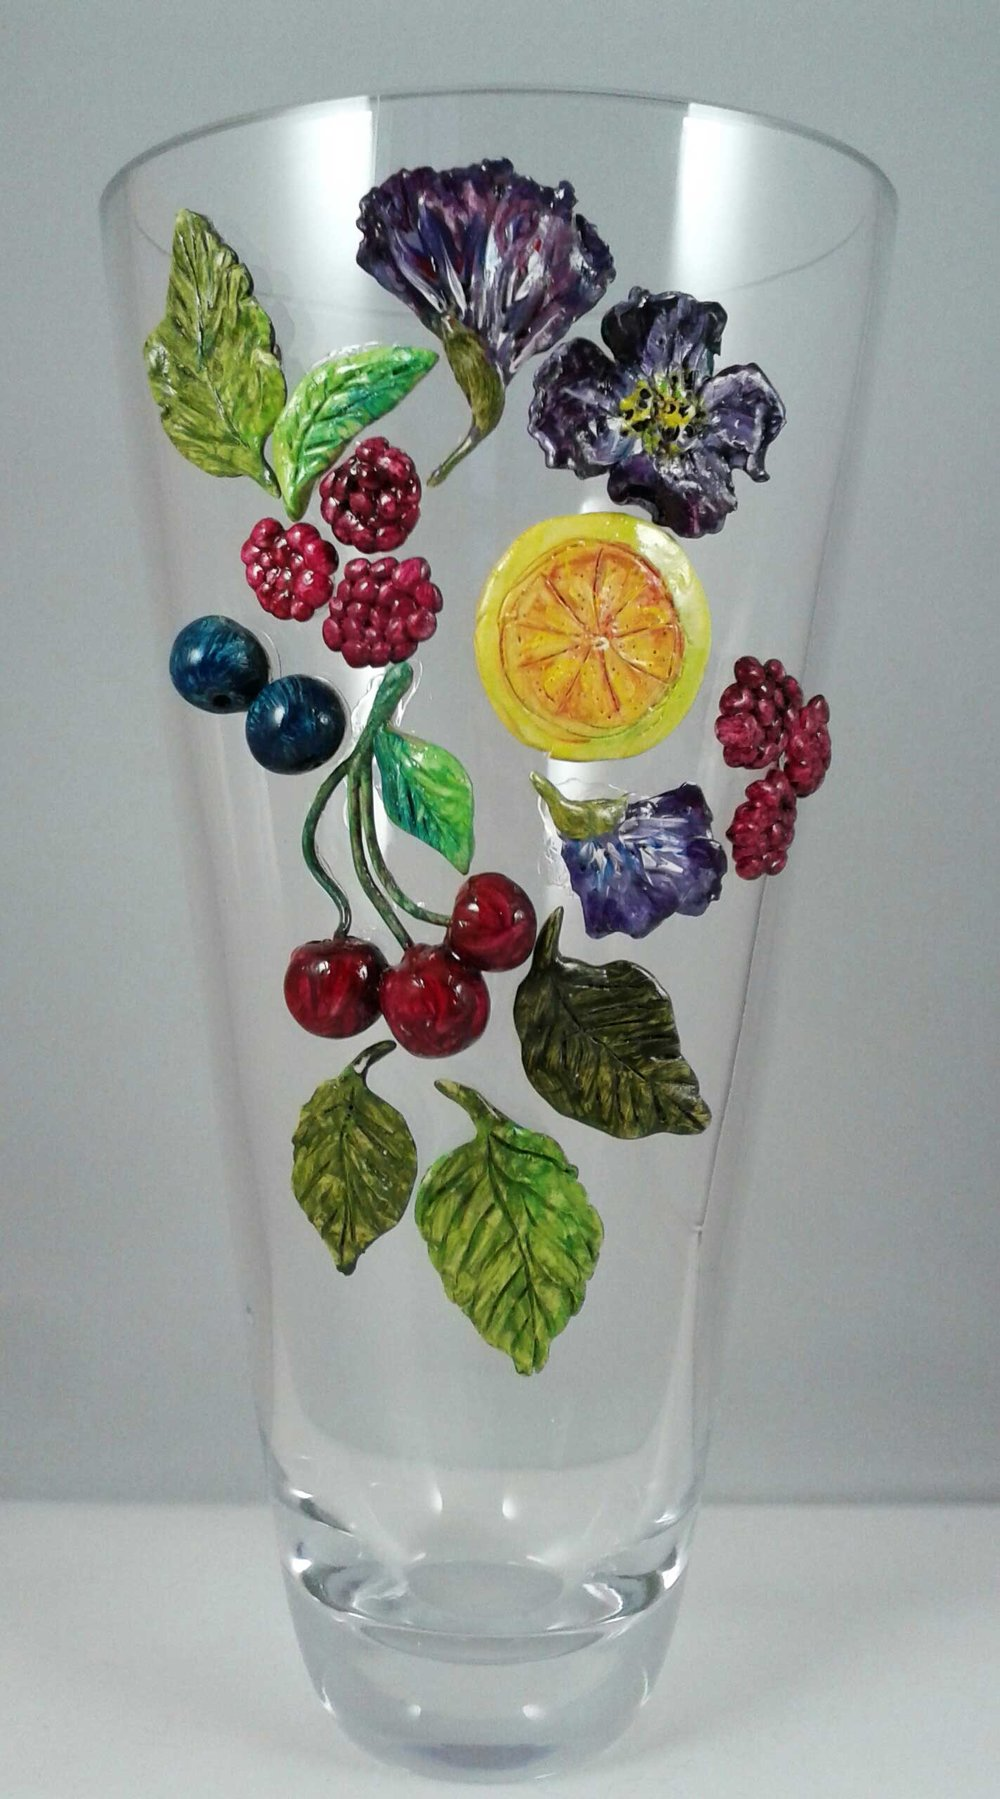 Vase with Cherries